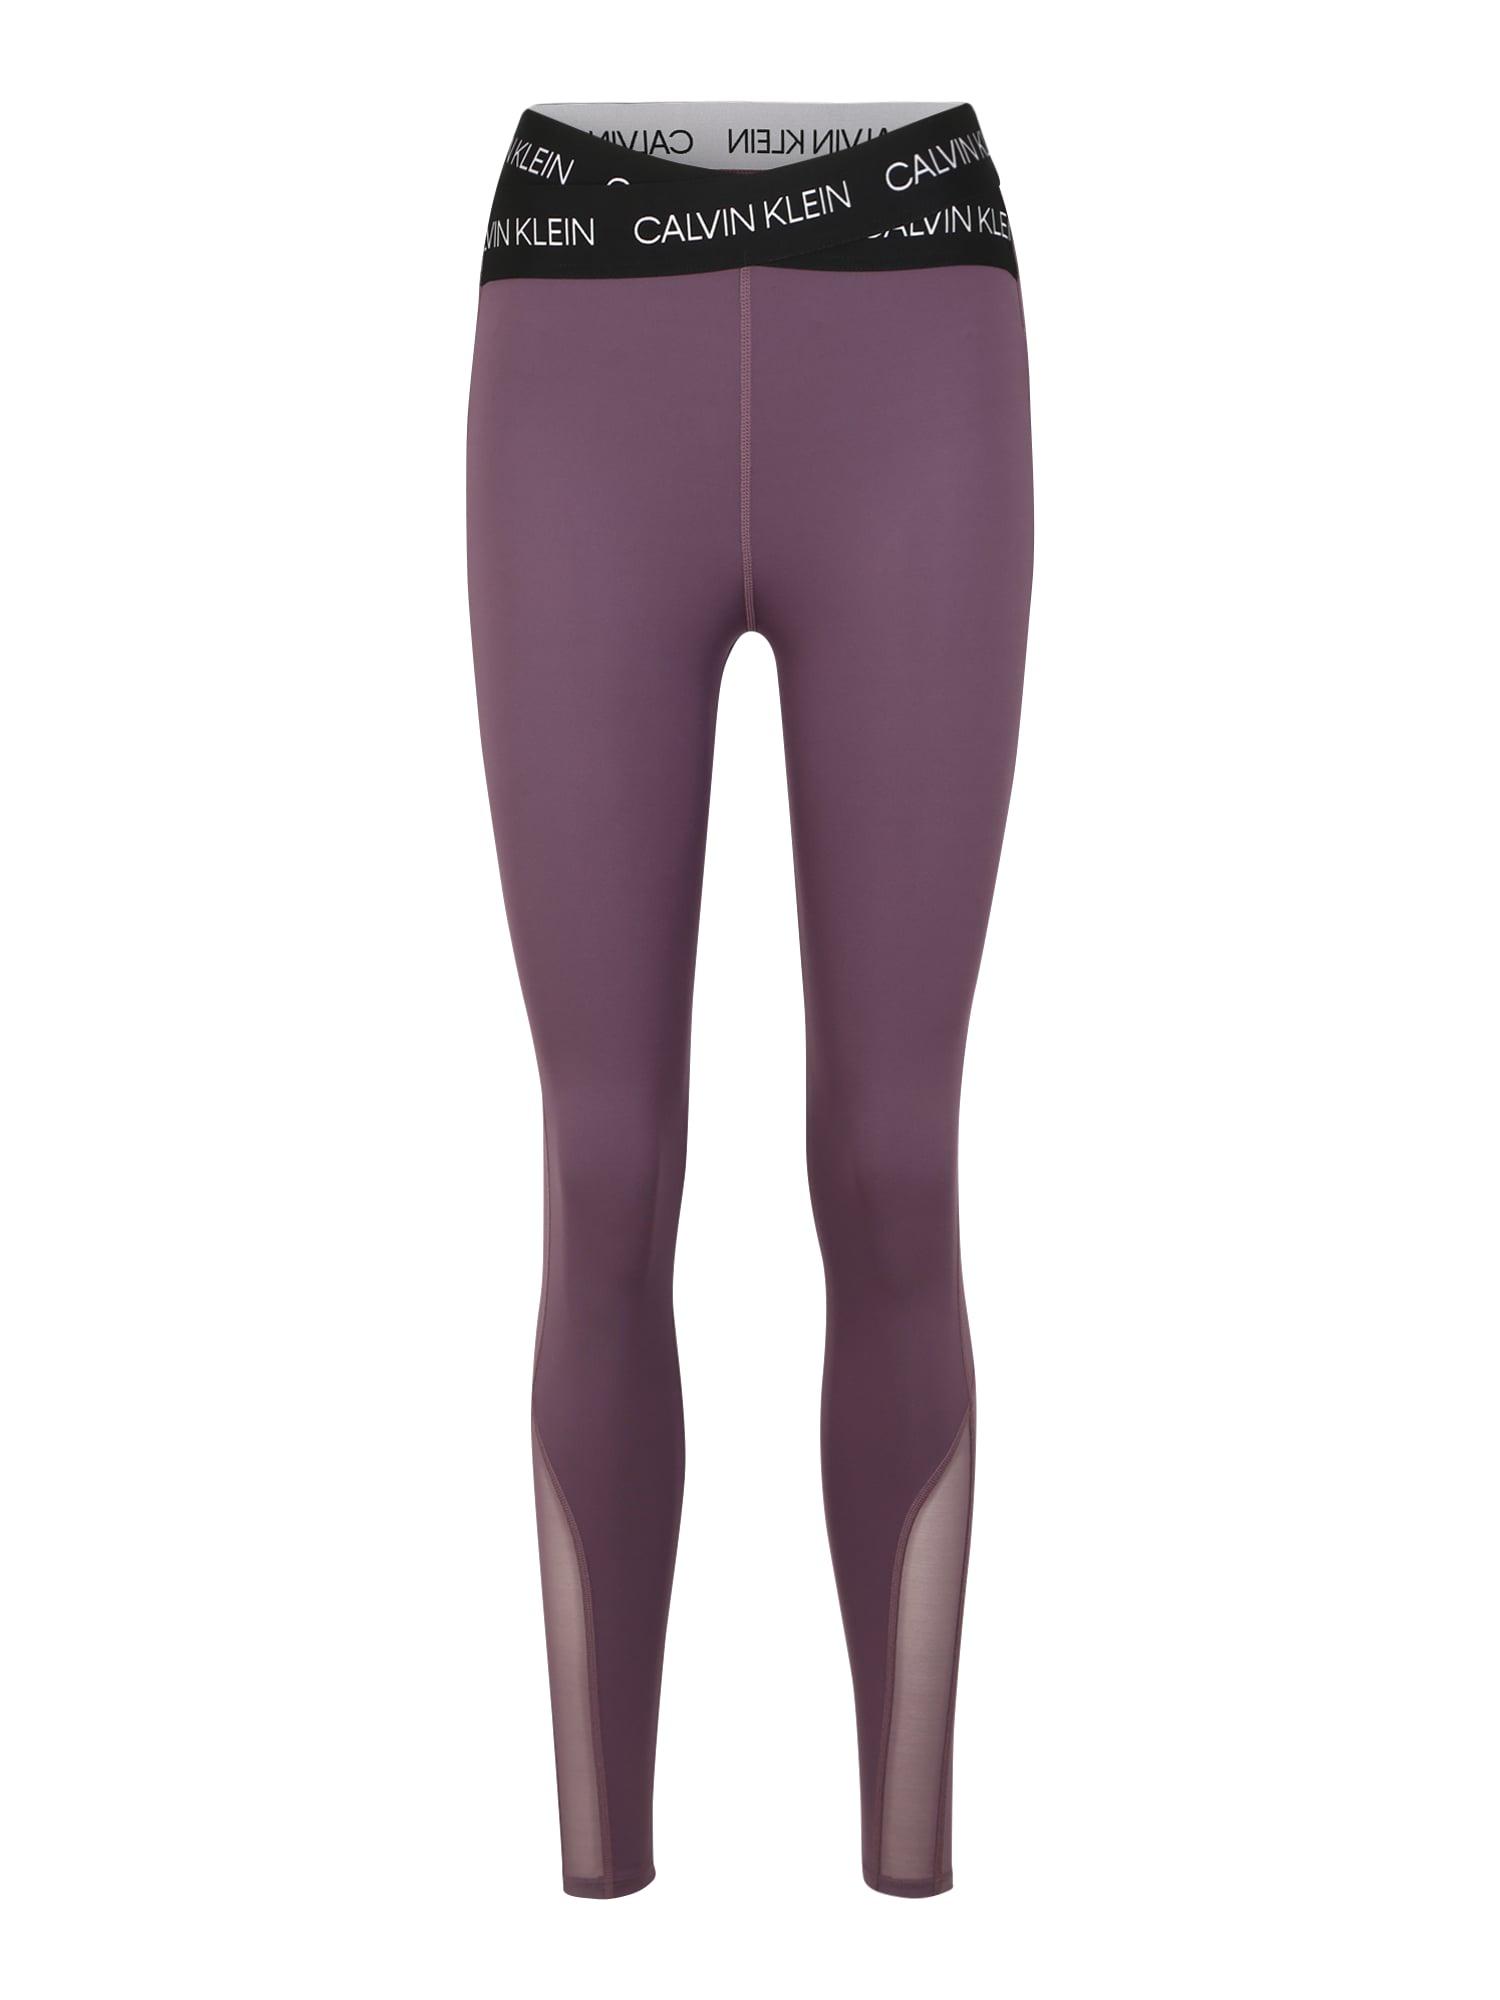 Calvin Klein Performance Sporthose  fialová